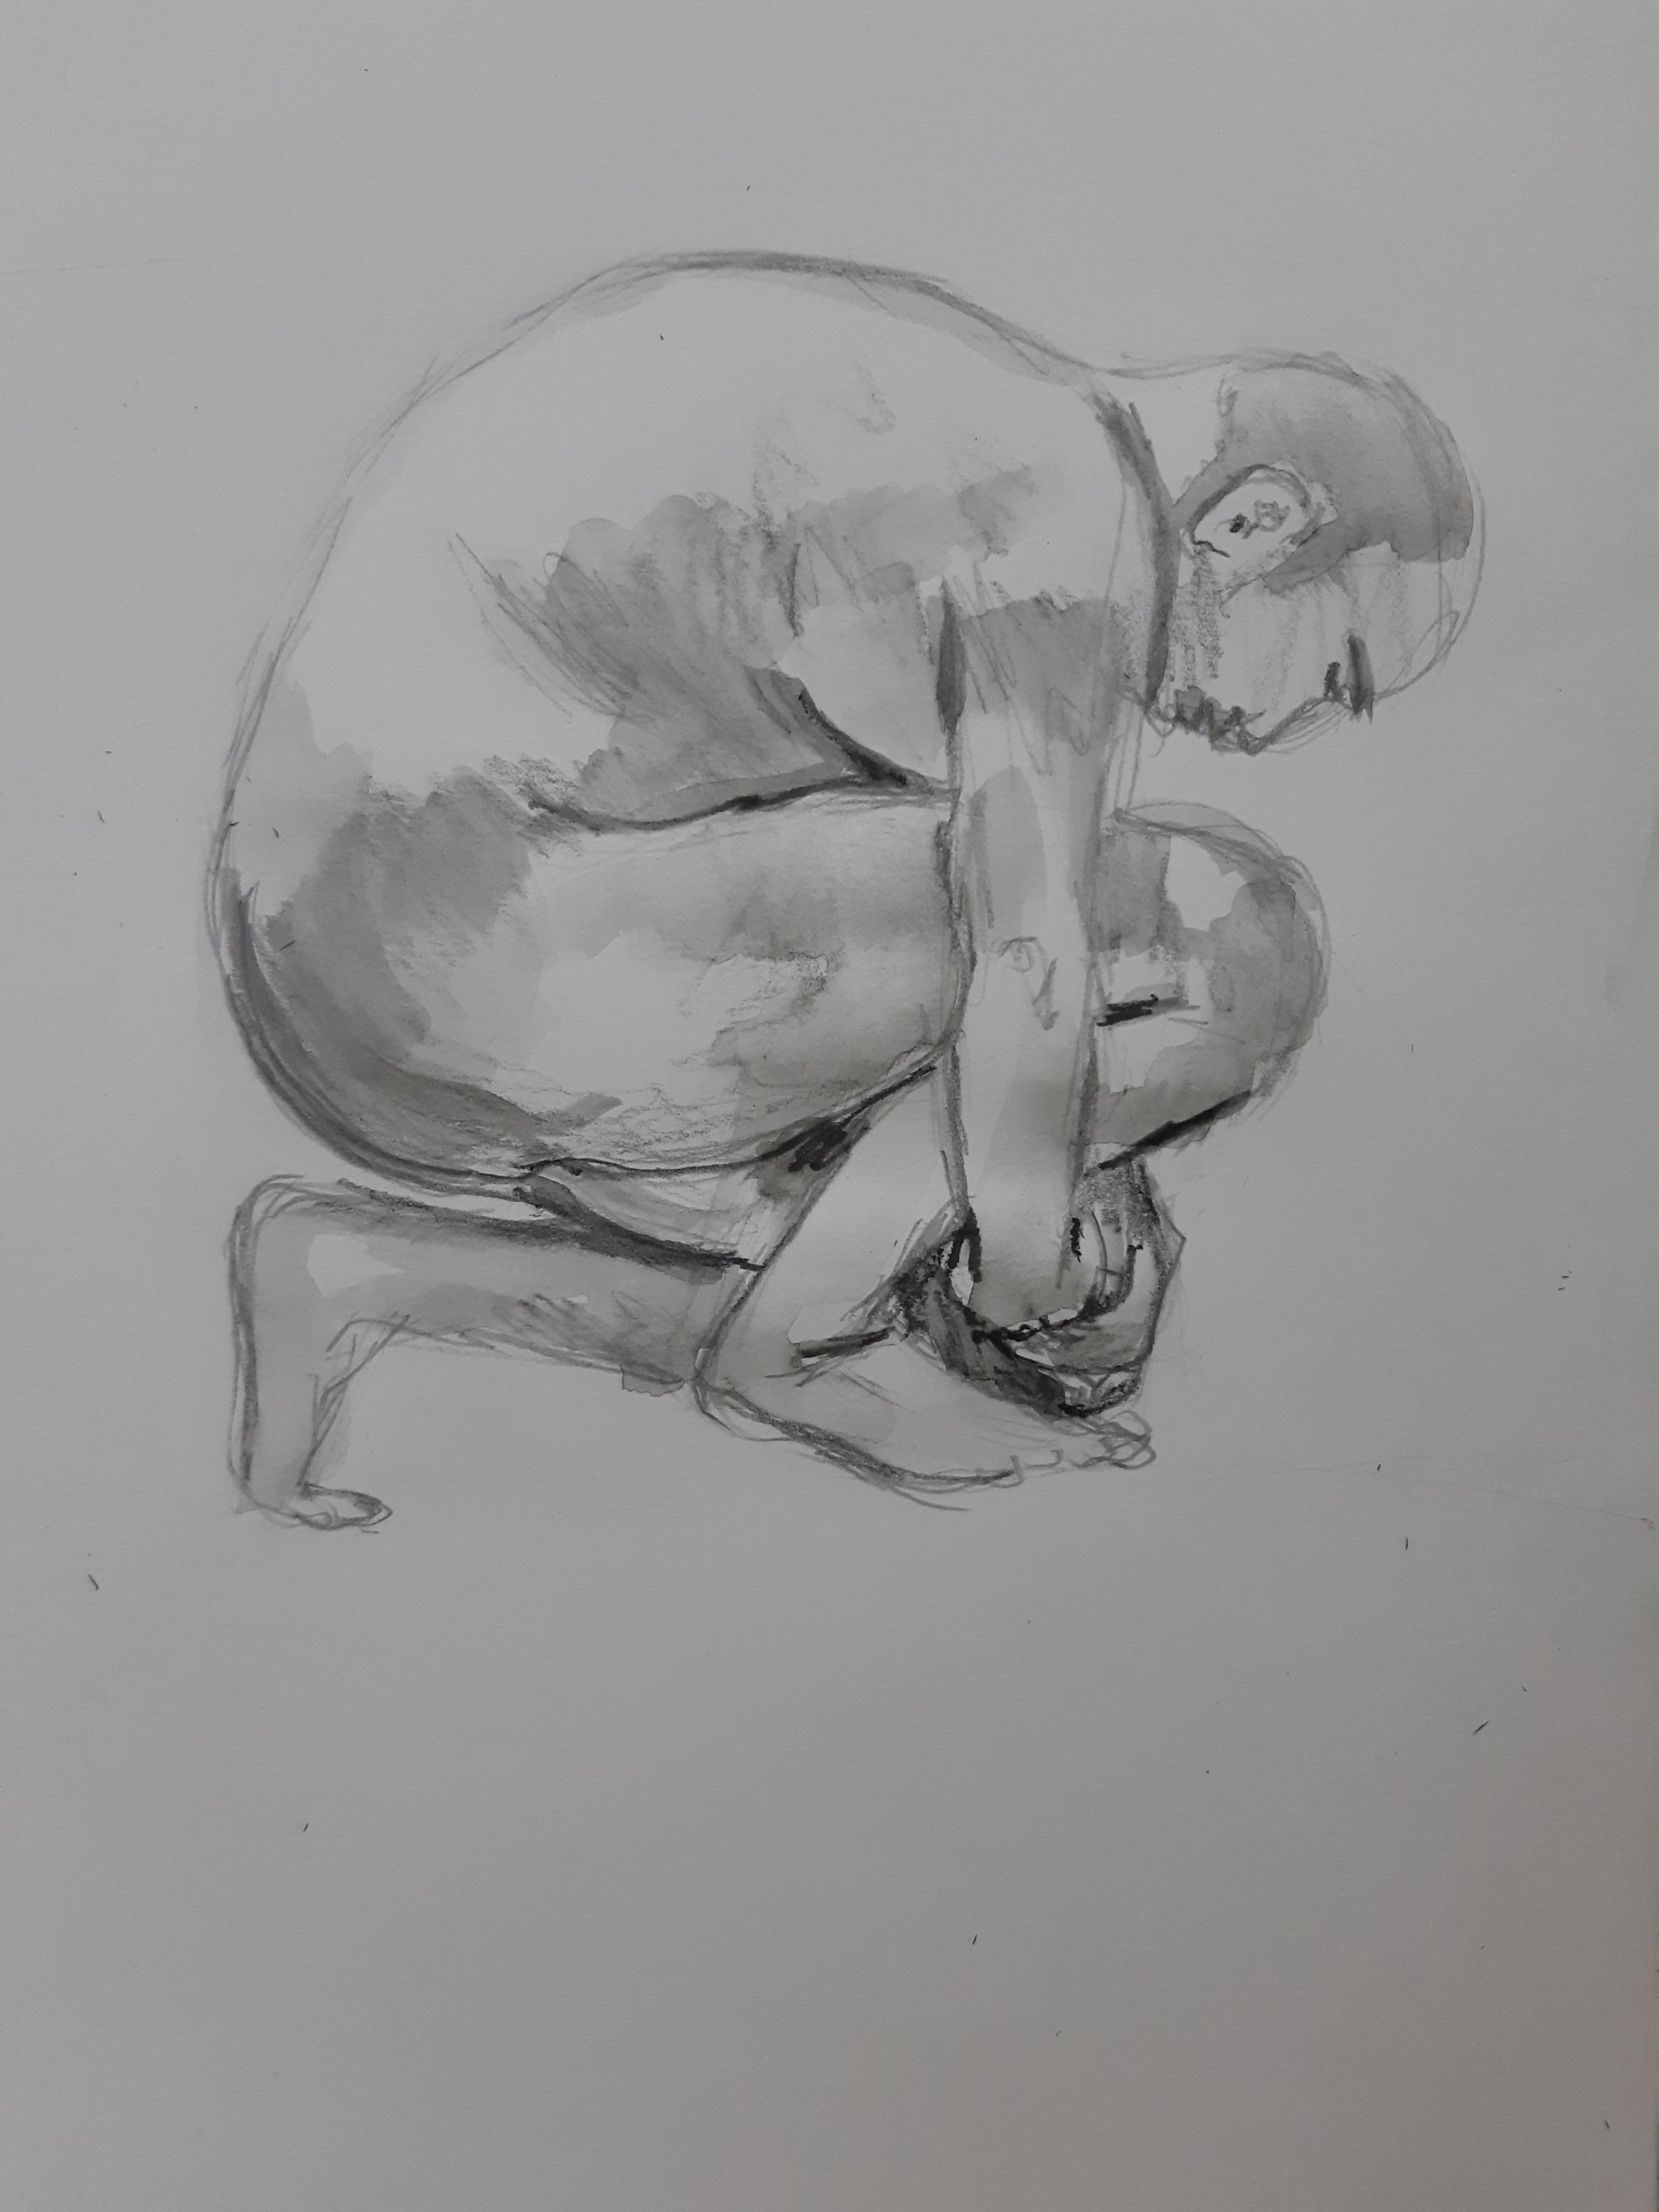 Dessin mod�le vivant homme poses regroup�es profil techniques mixtes encre de Chine crayon papier  cours de dessin